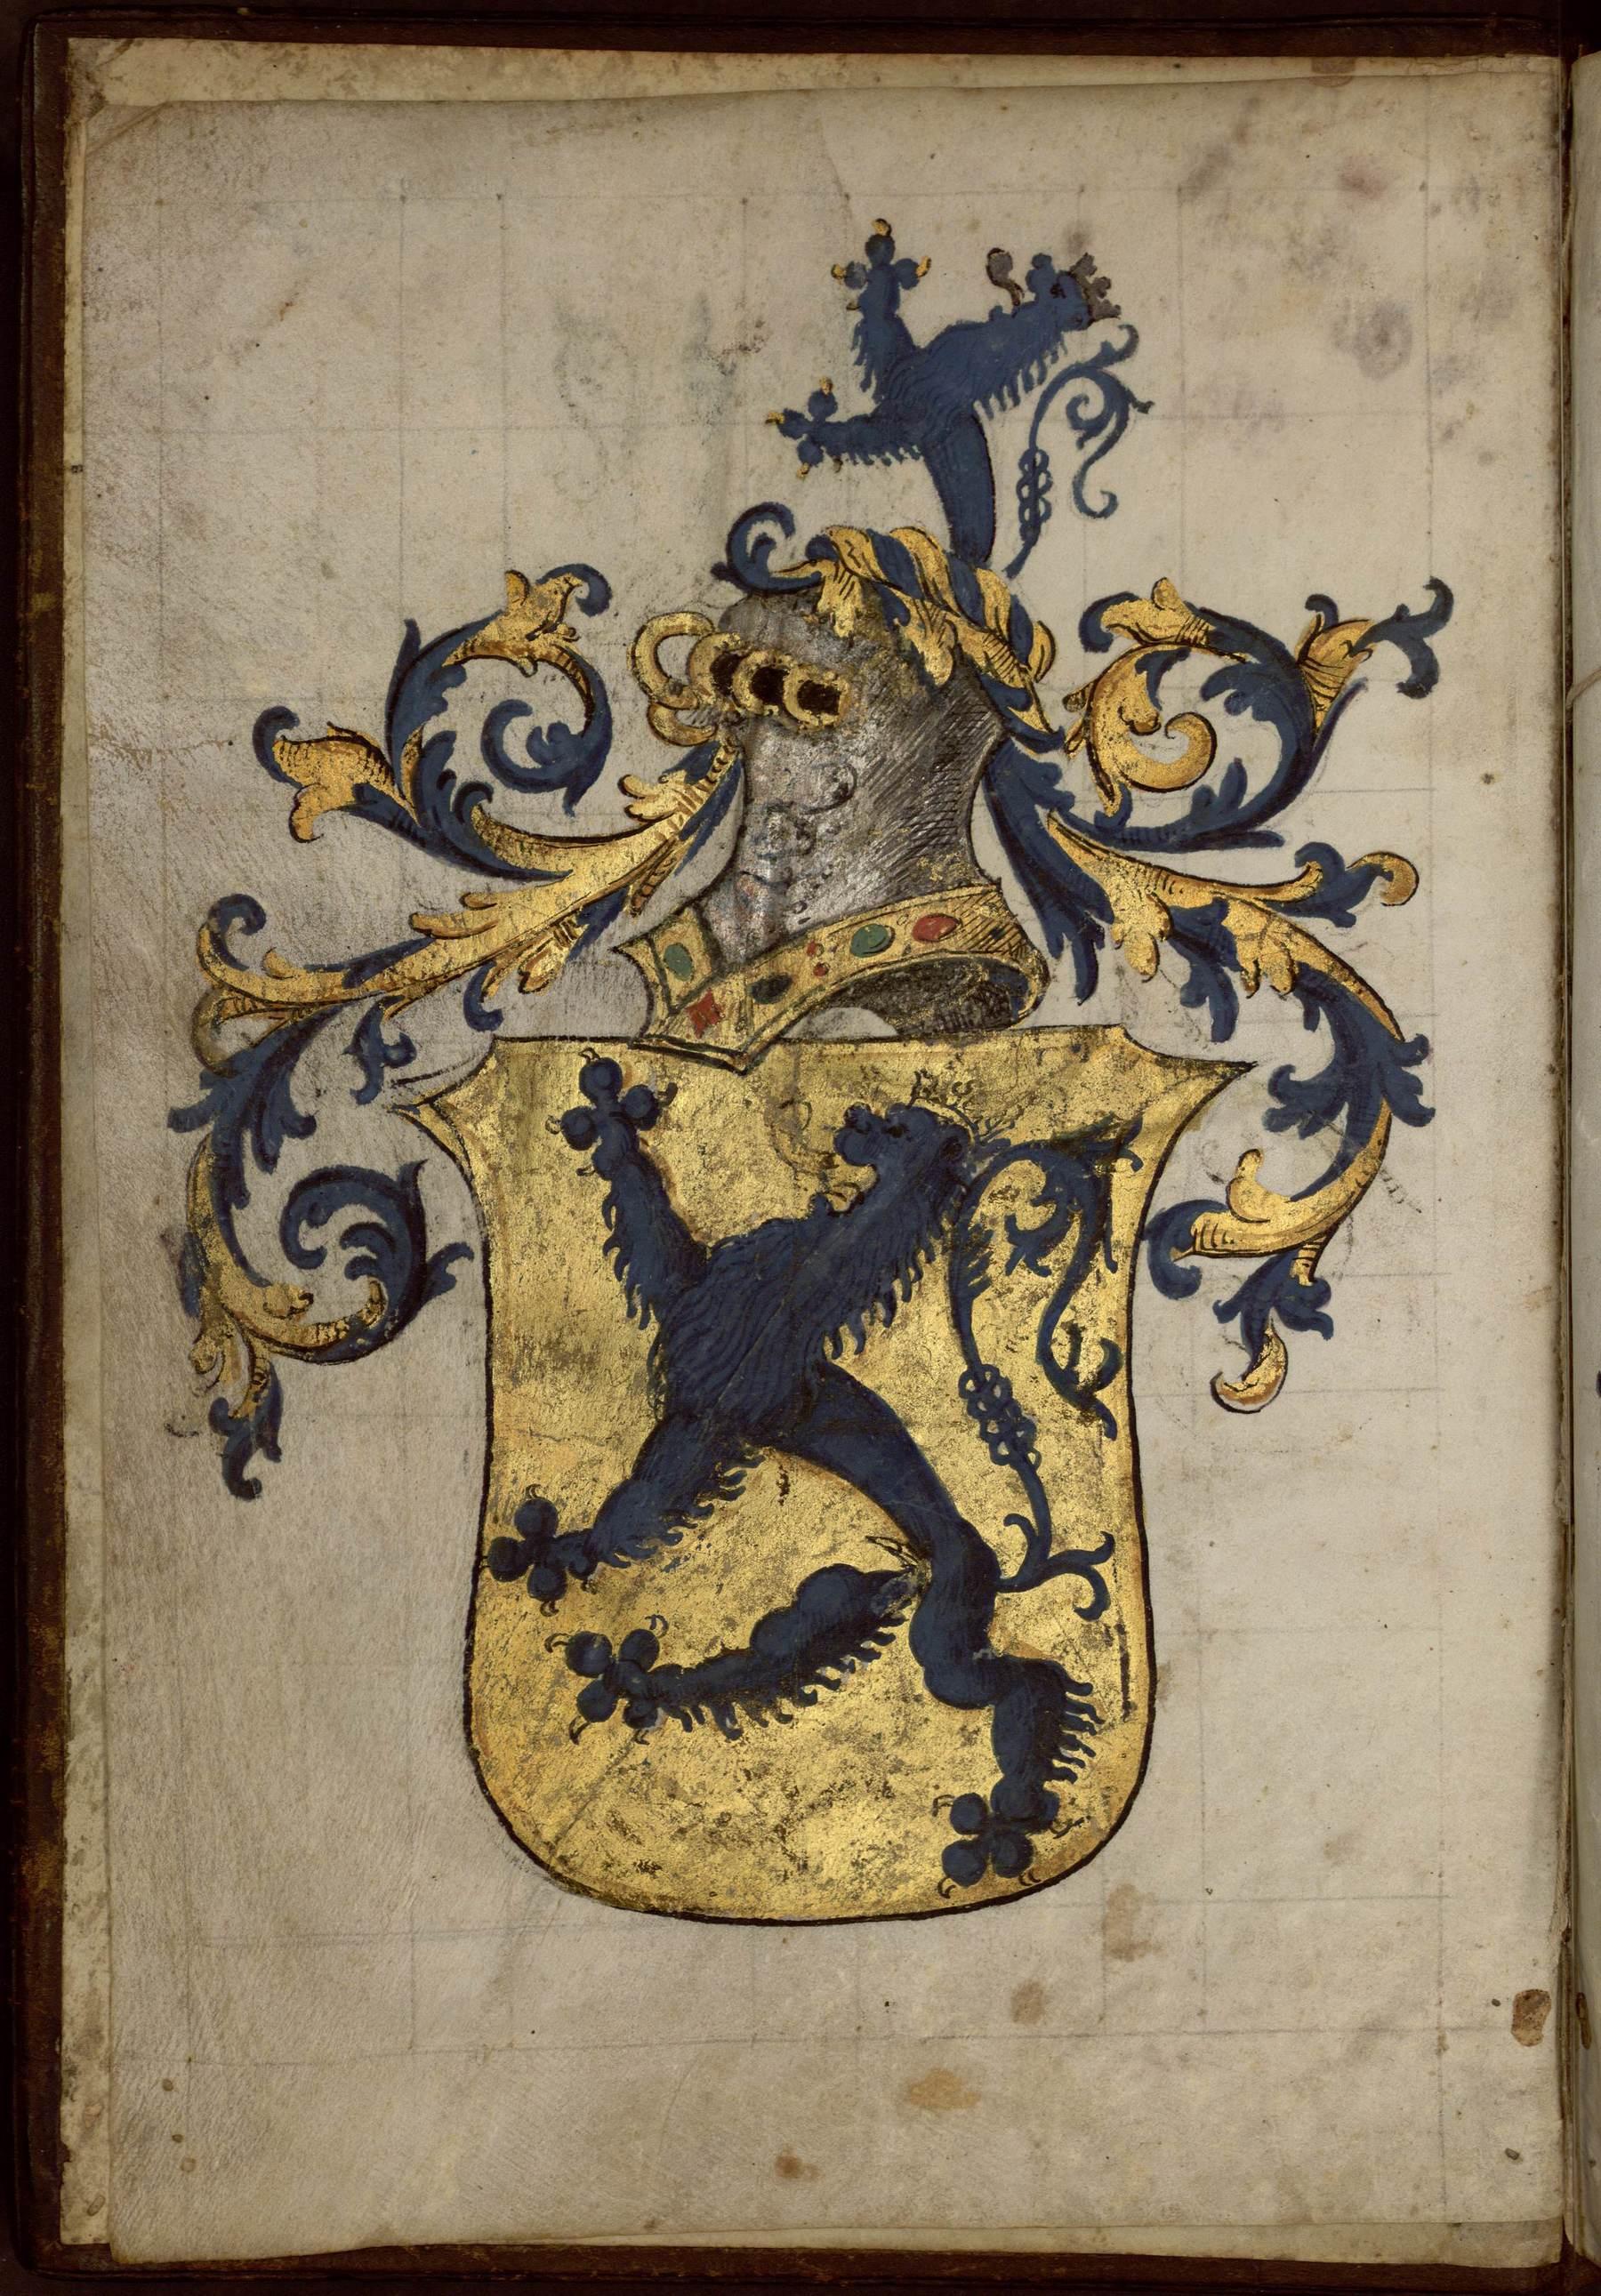 Contenu du Armorial composé pour Nicolas de Lutzelbourg, seigneur de Fléville, capitaine de Nancy.